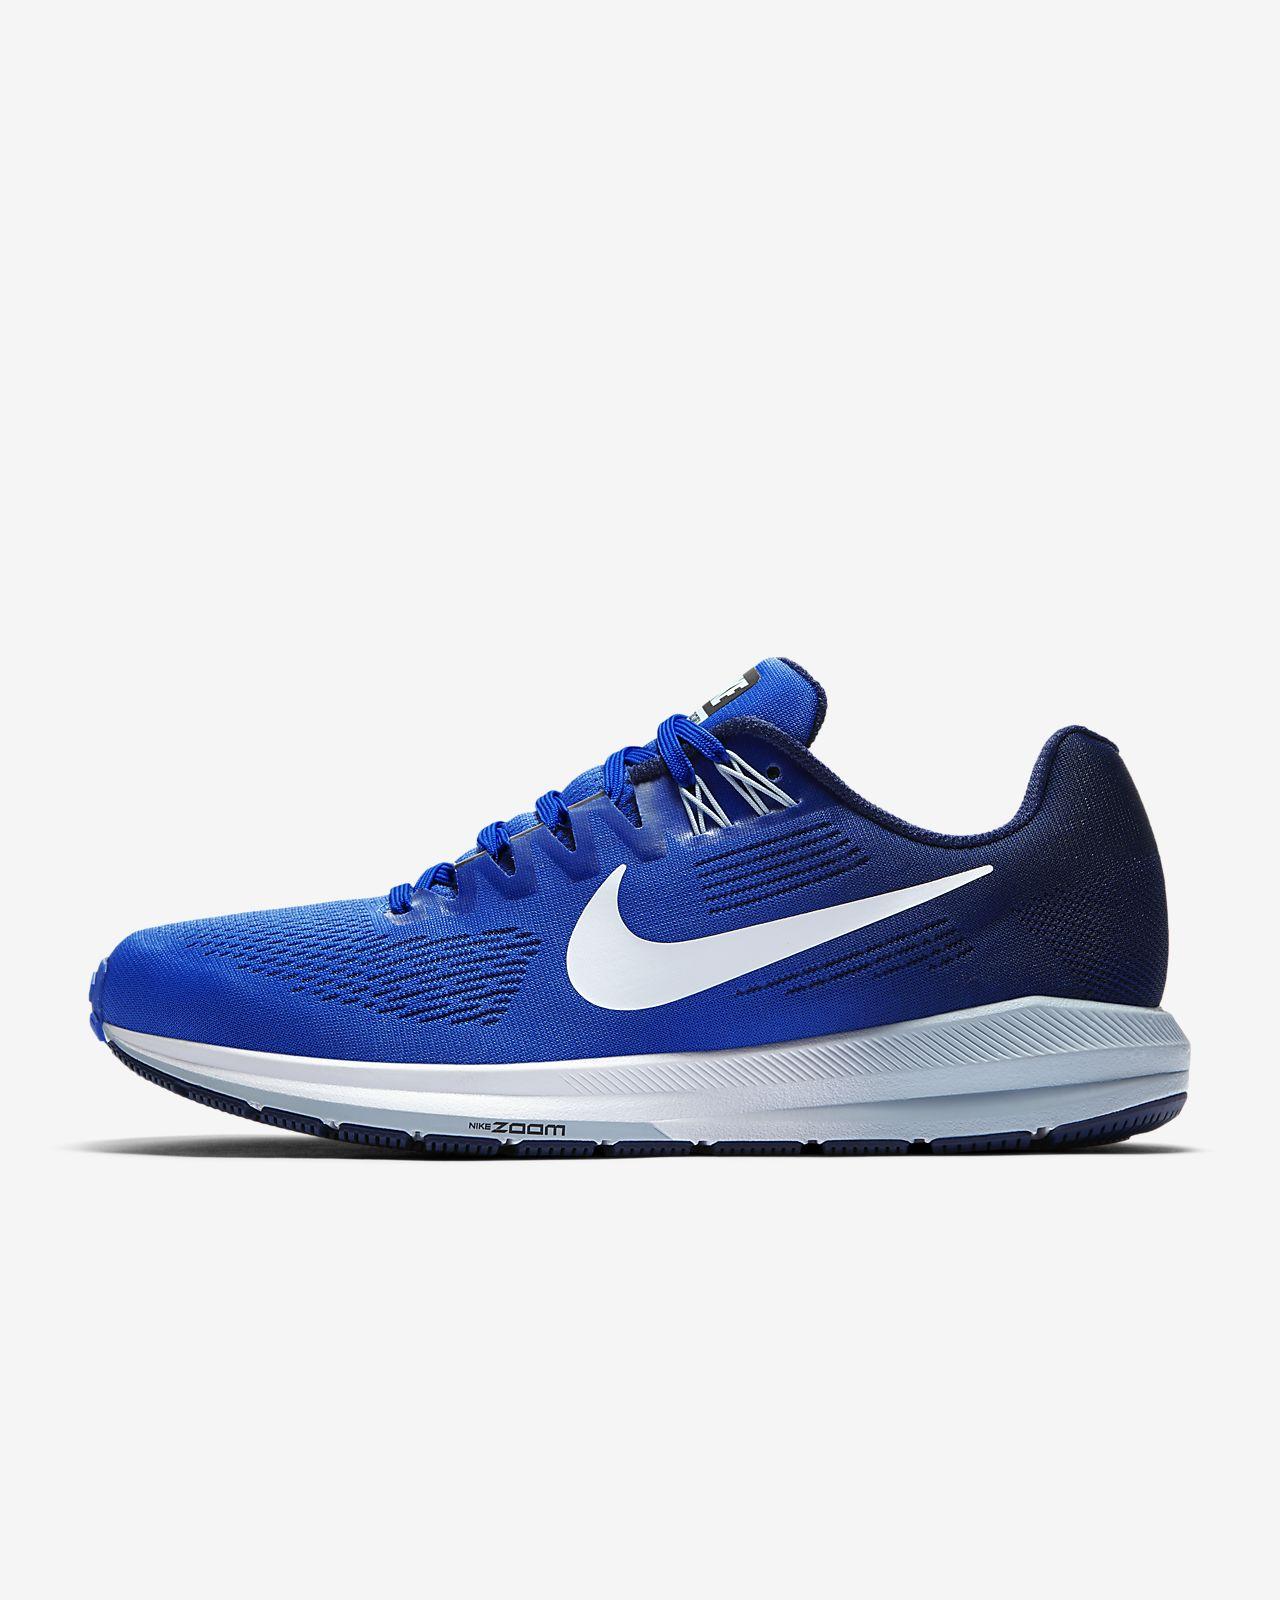 Nike | Air Zoom Structure 22 férfi futócipő | Férfiak